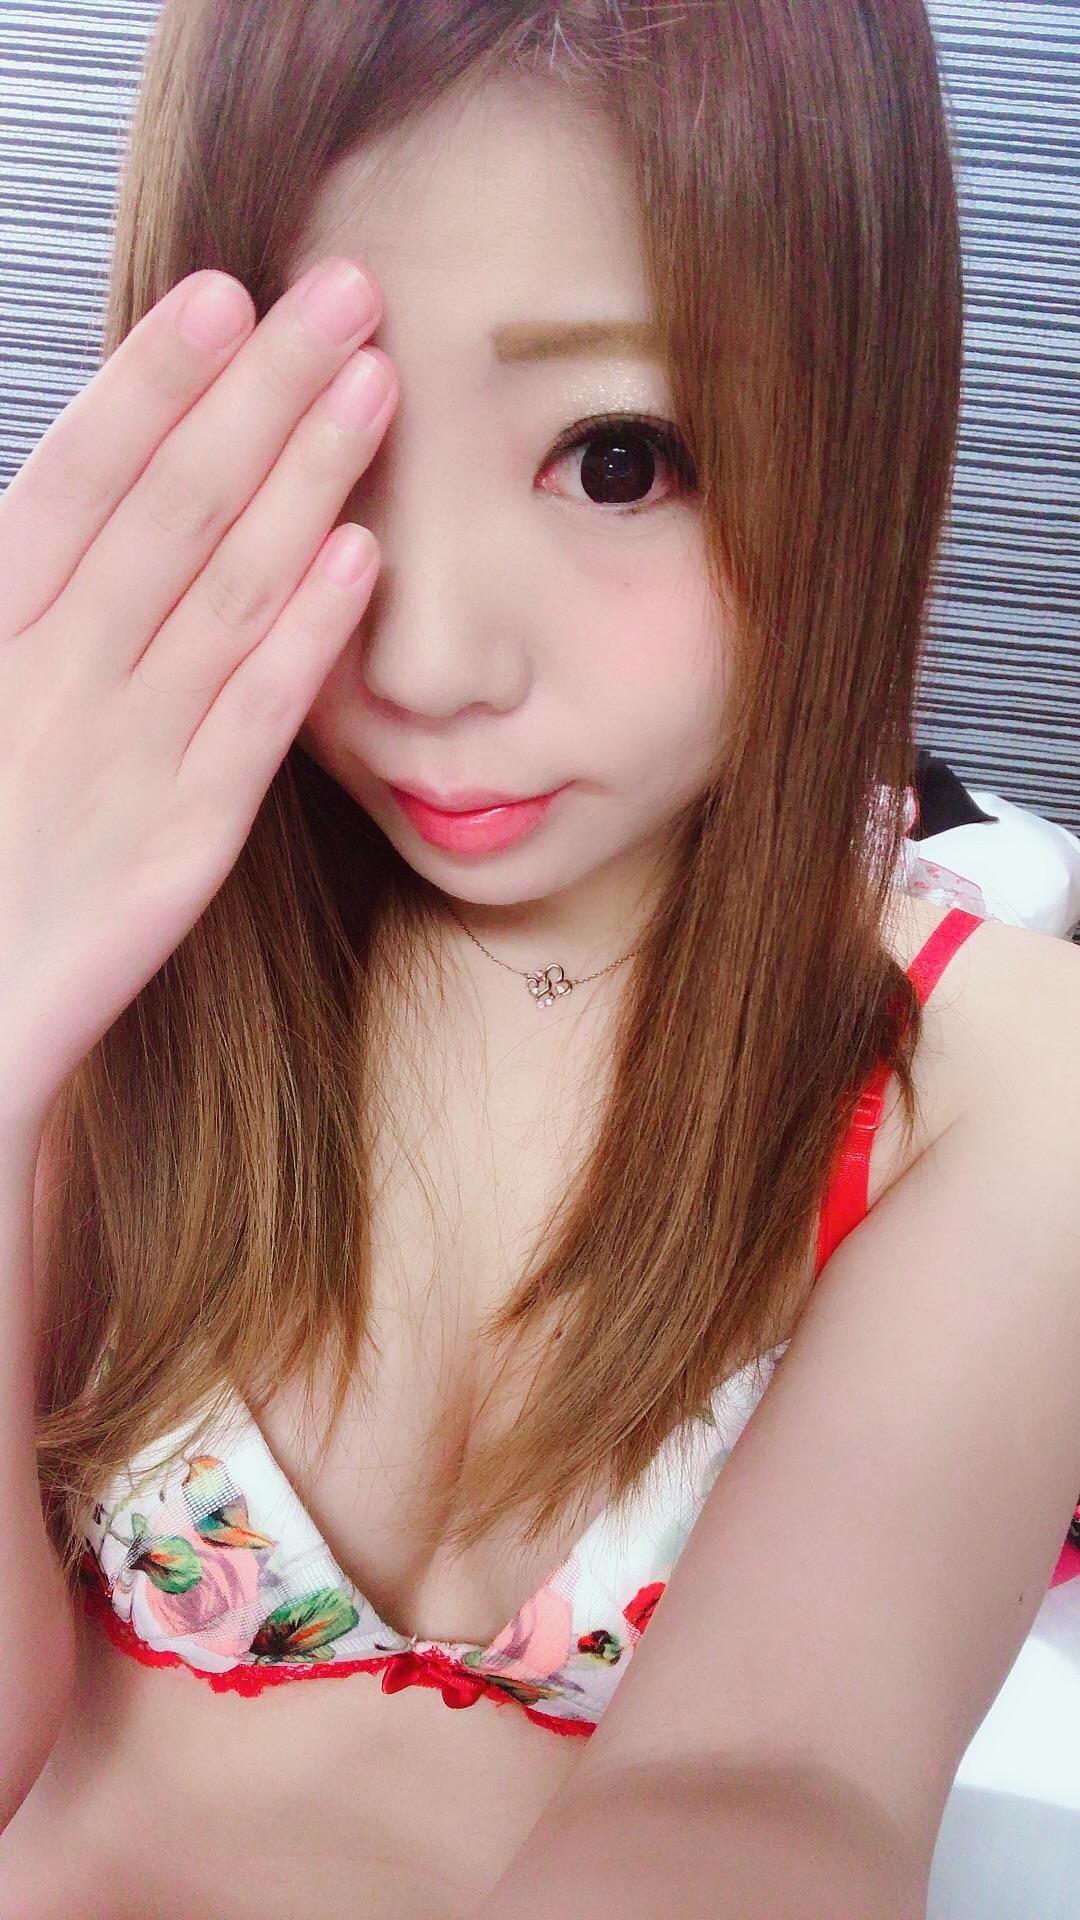 「待機中(*´ω`*)」09/22(09/22) 19:58 | サクラの写メ・風俗動画